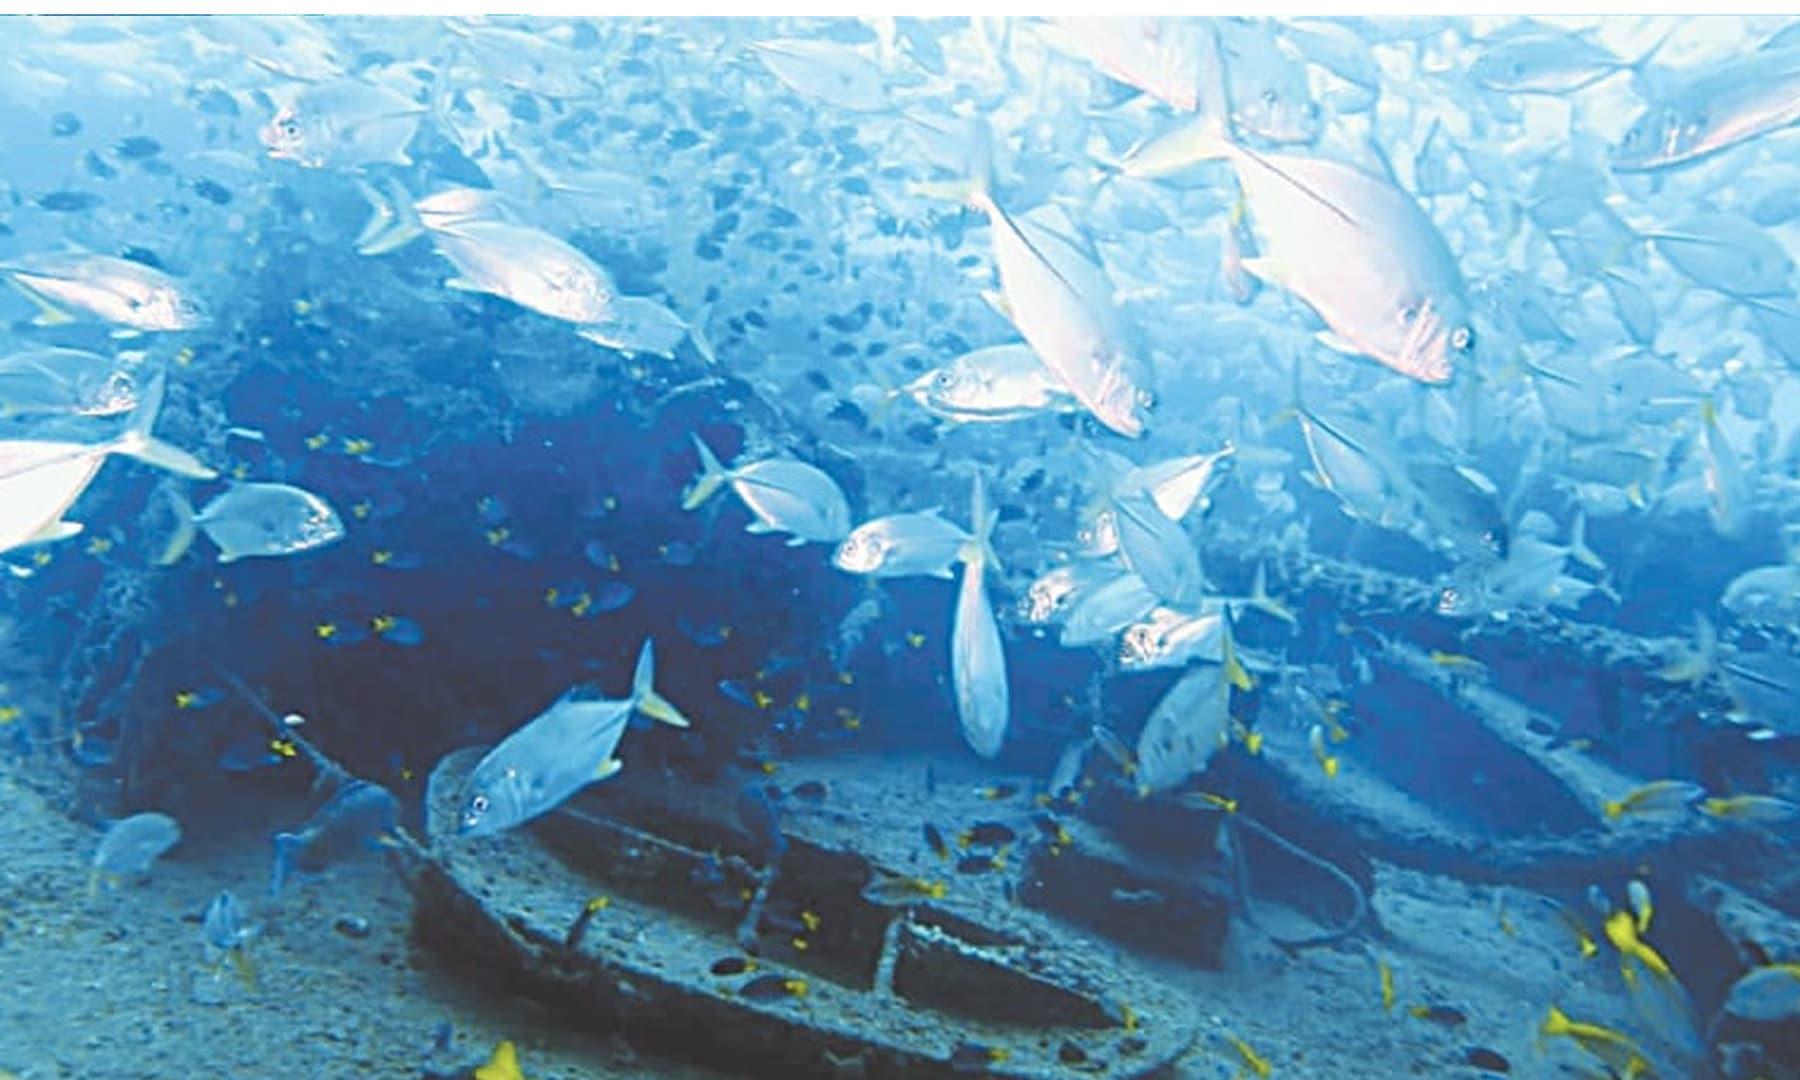 اس ملبے میں سمندری حیات کی بہتات ہے۔ یہ بنیادی طور پر ان کی نرسری ہے